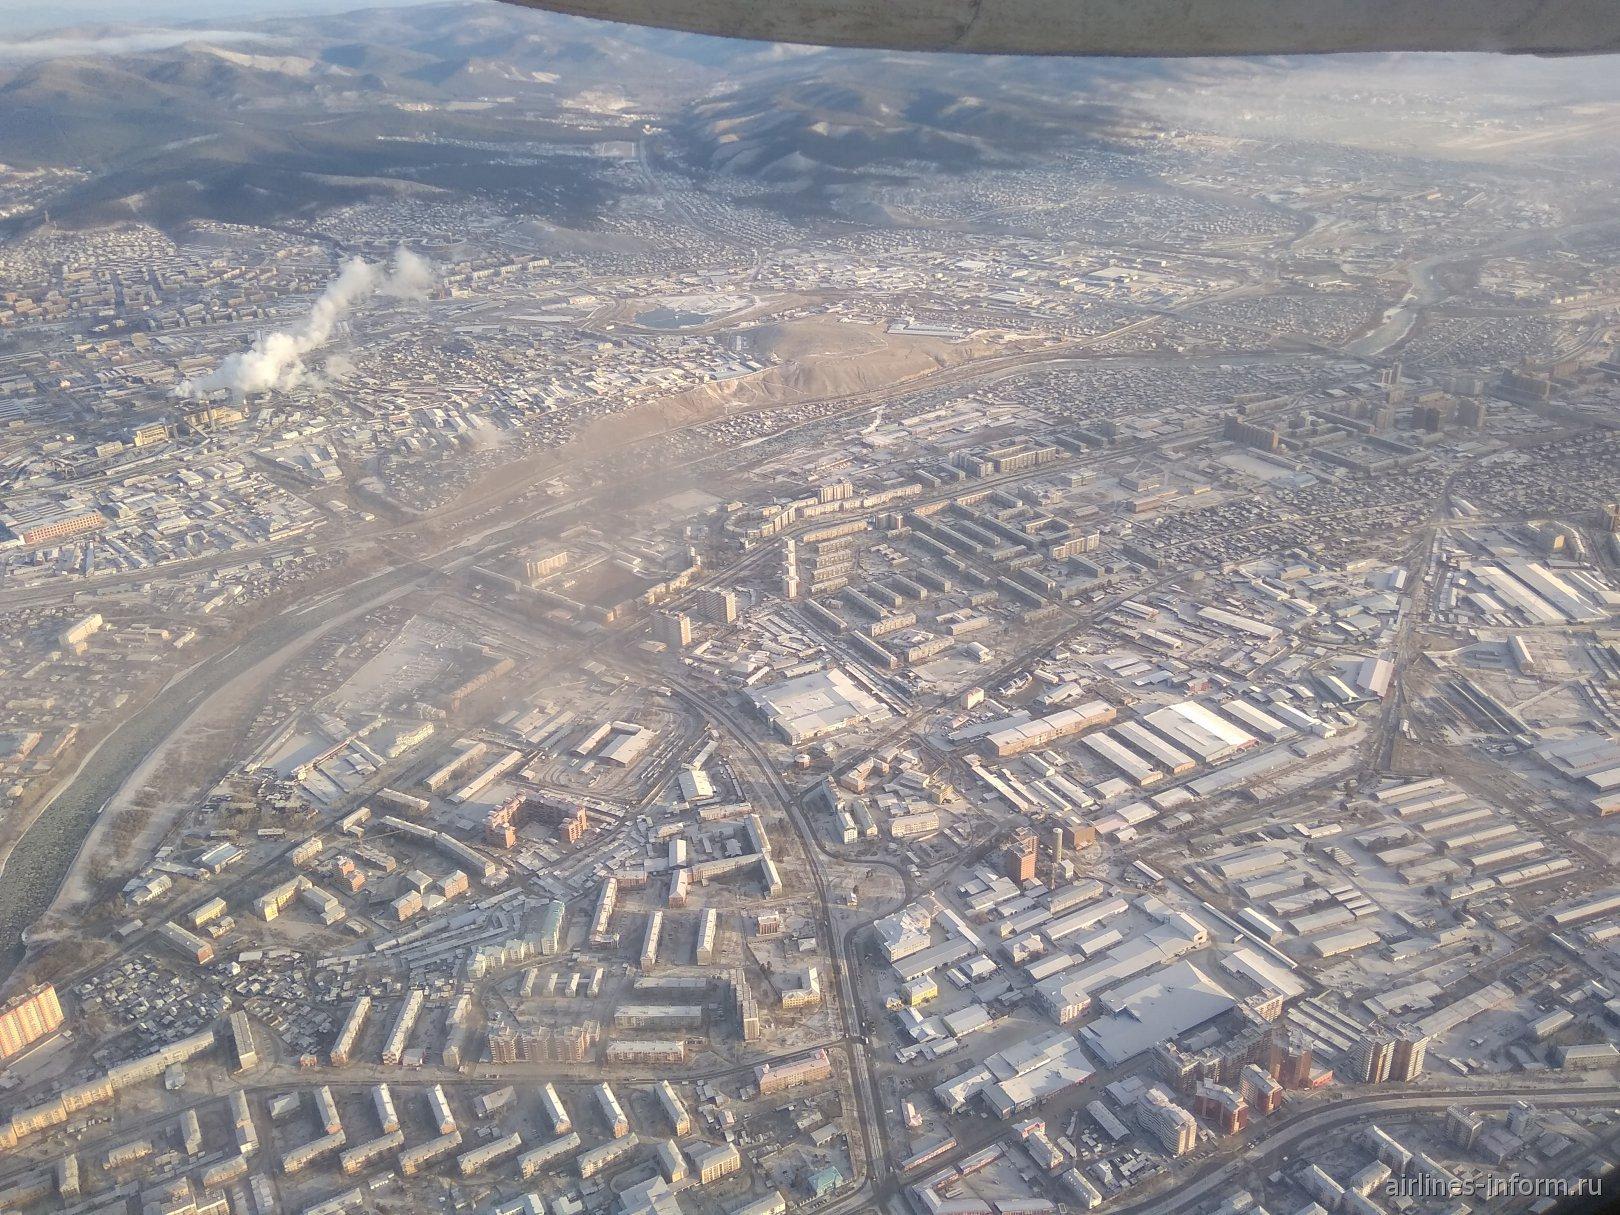 В полете над городом Улан-Удэ